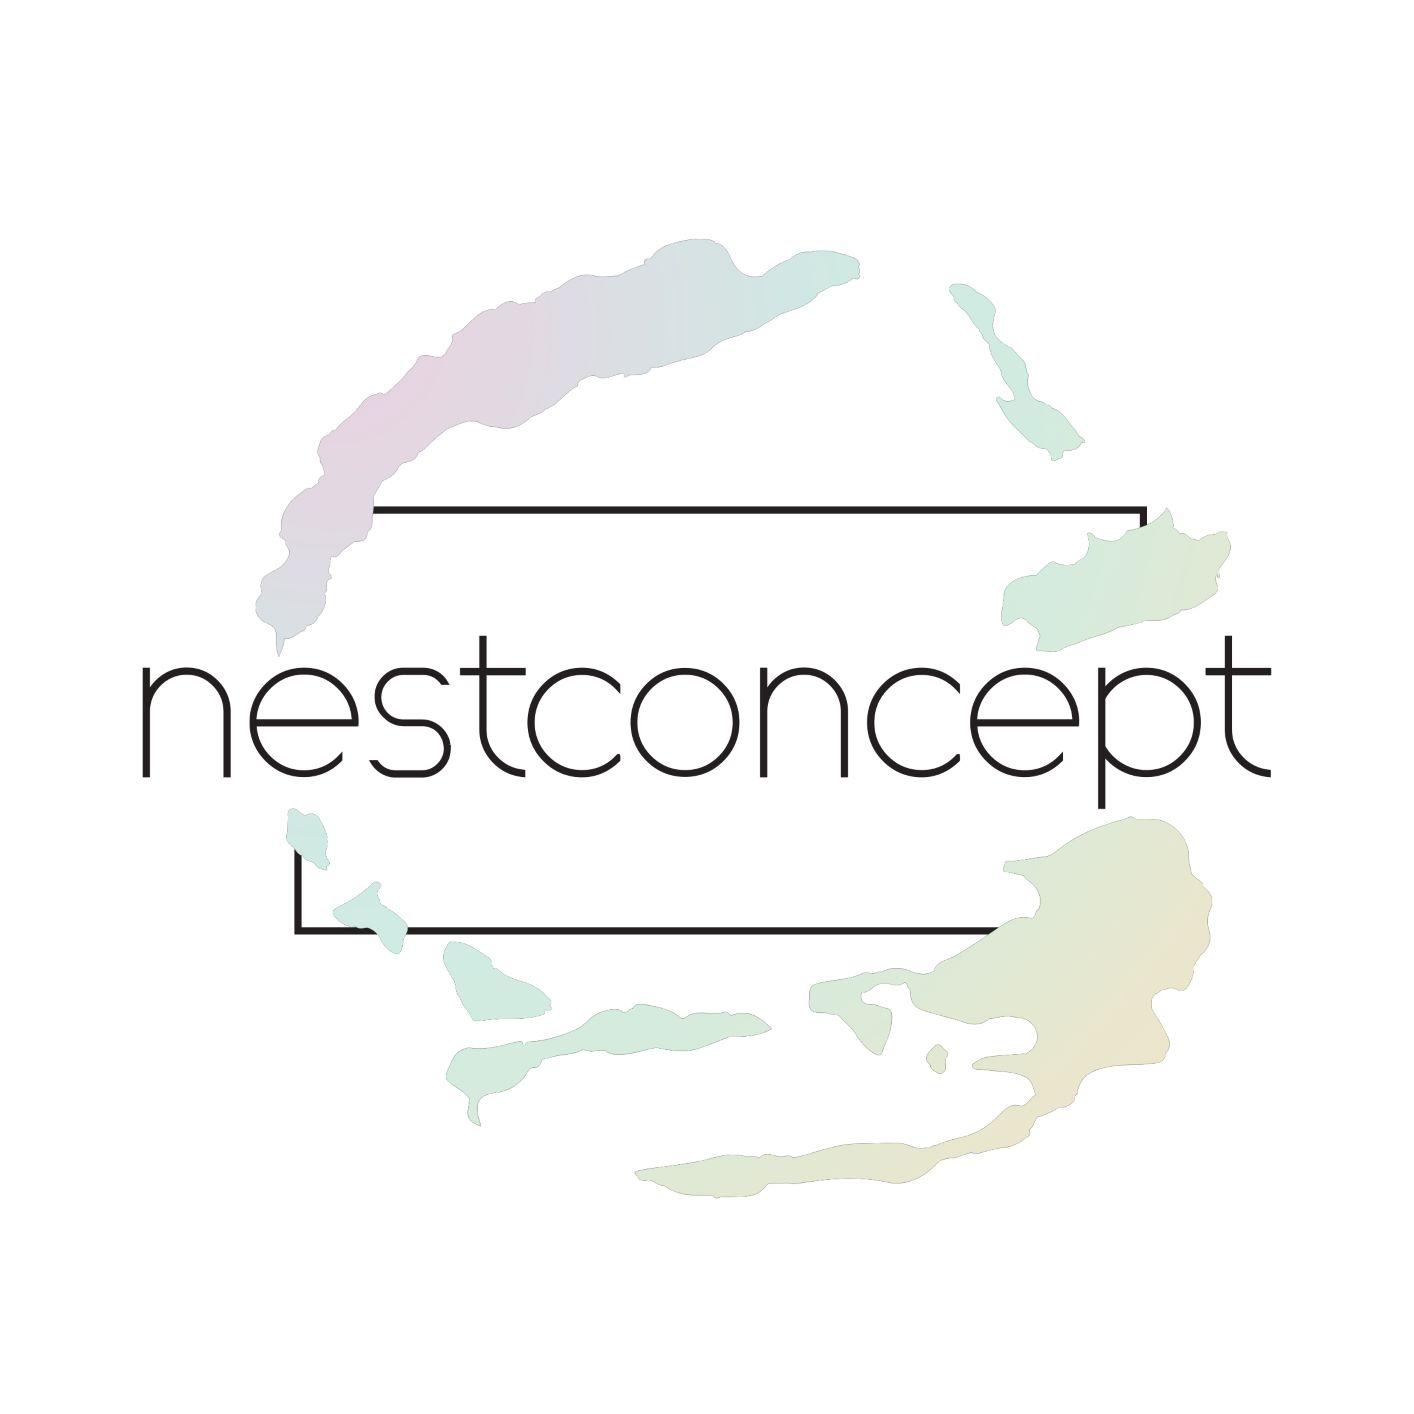 nestconcept